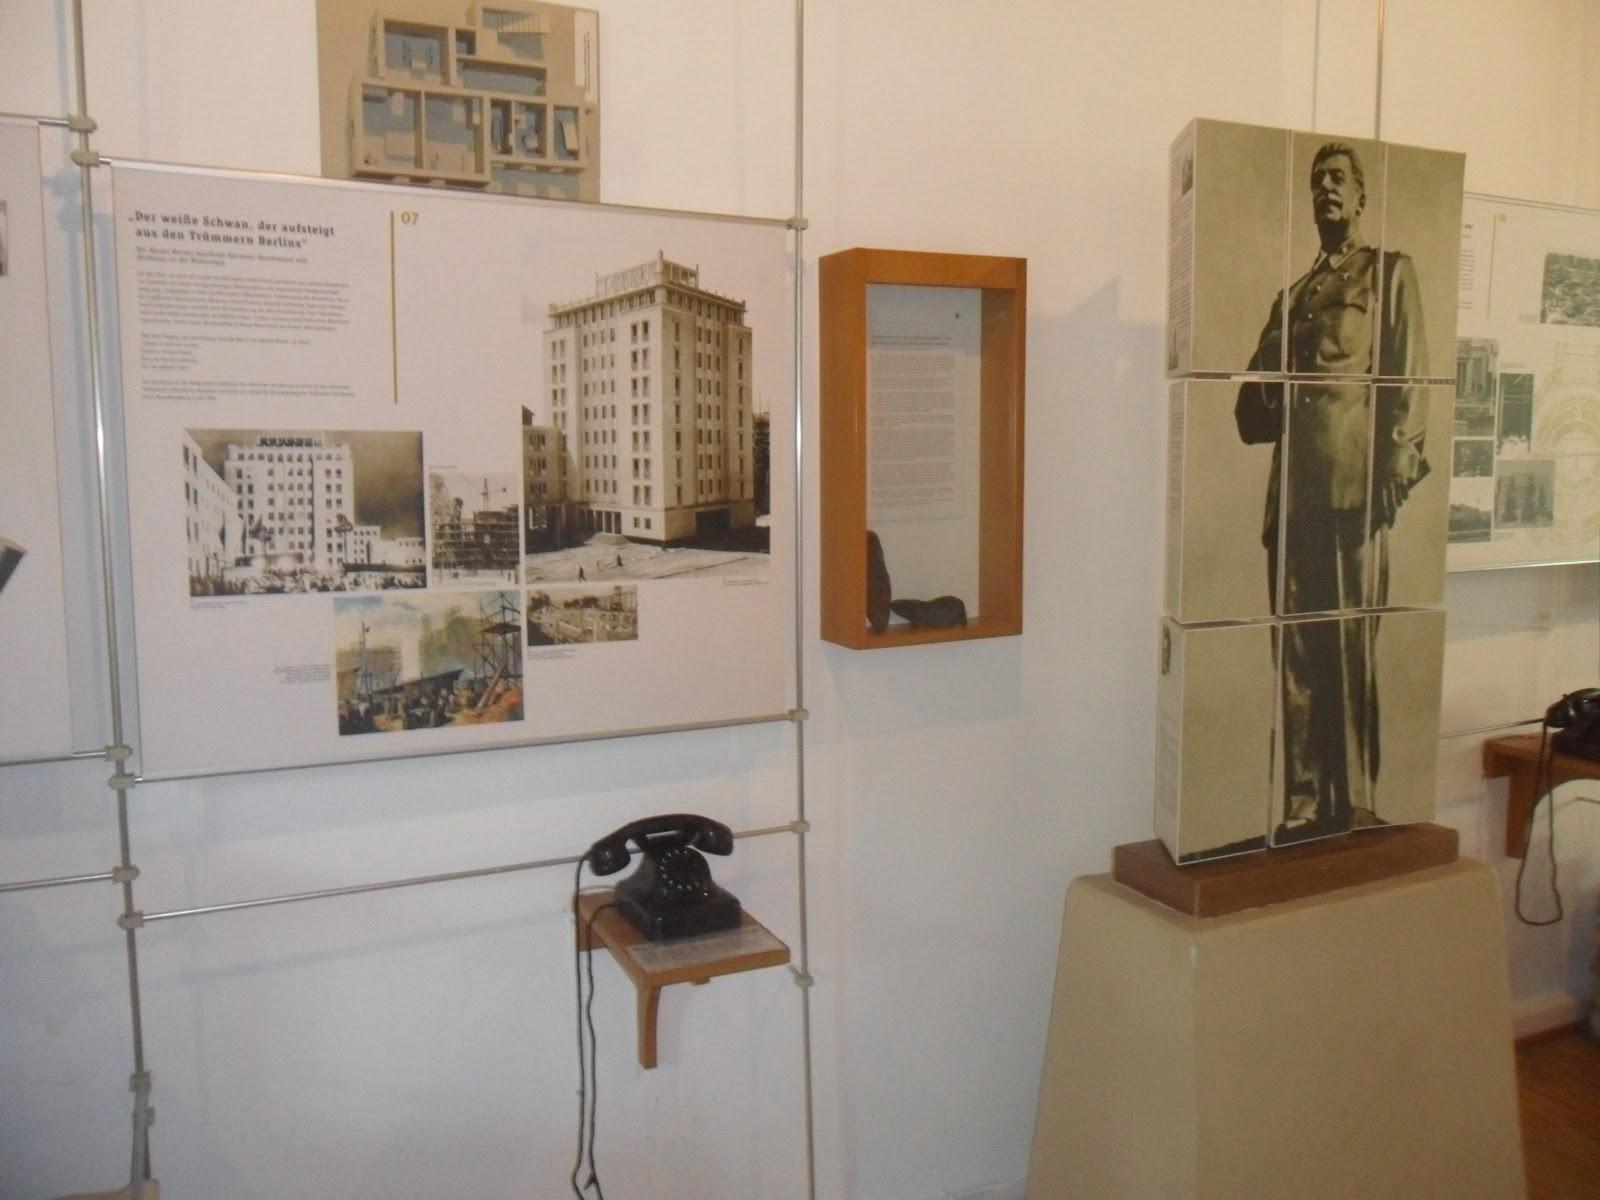 sigmund jähn museum chemnitz